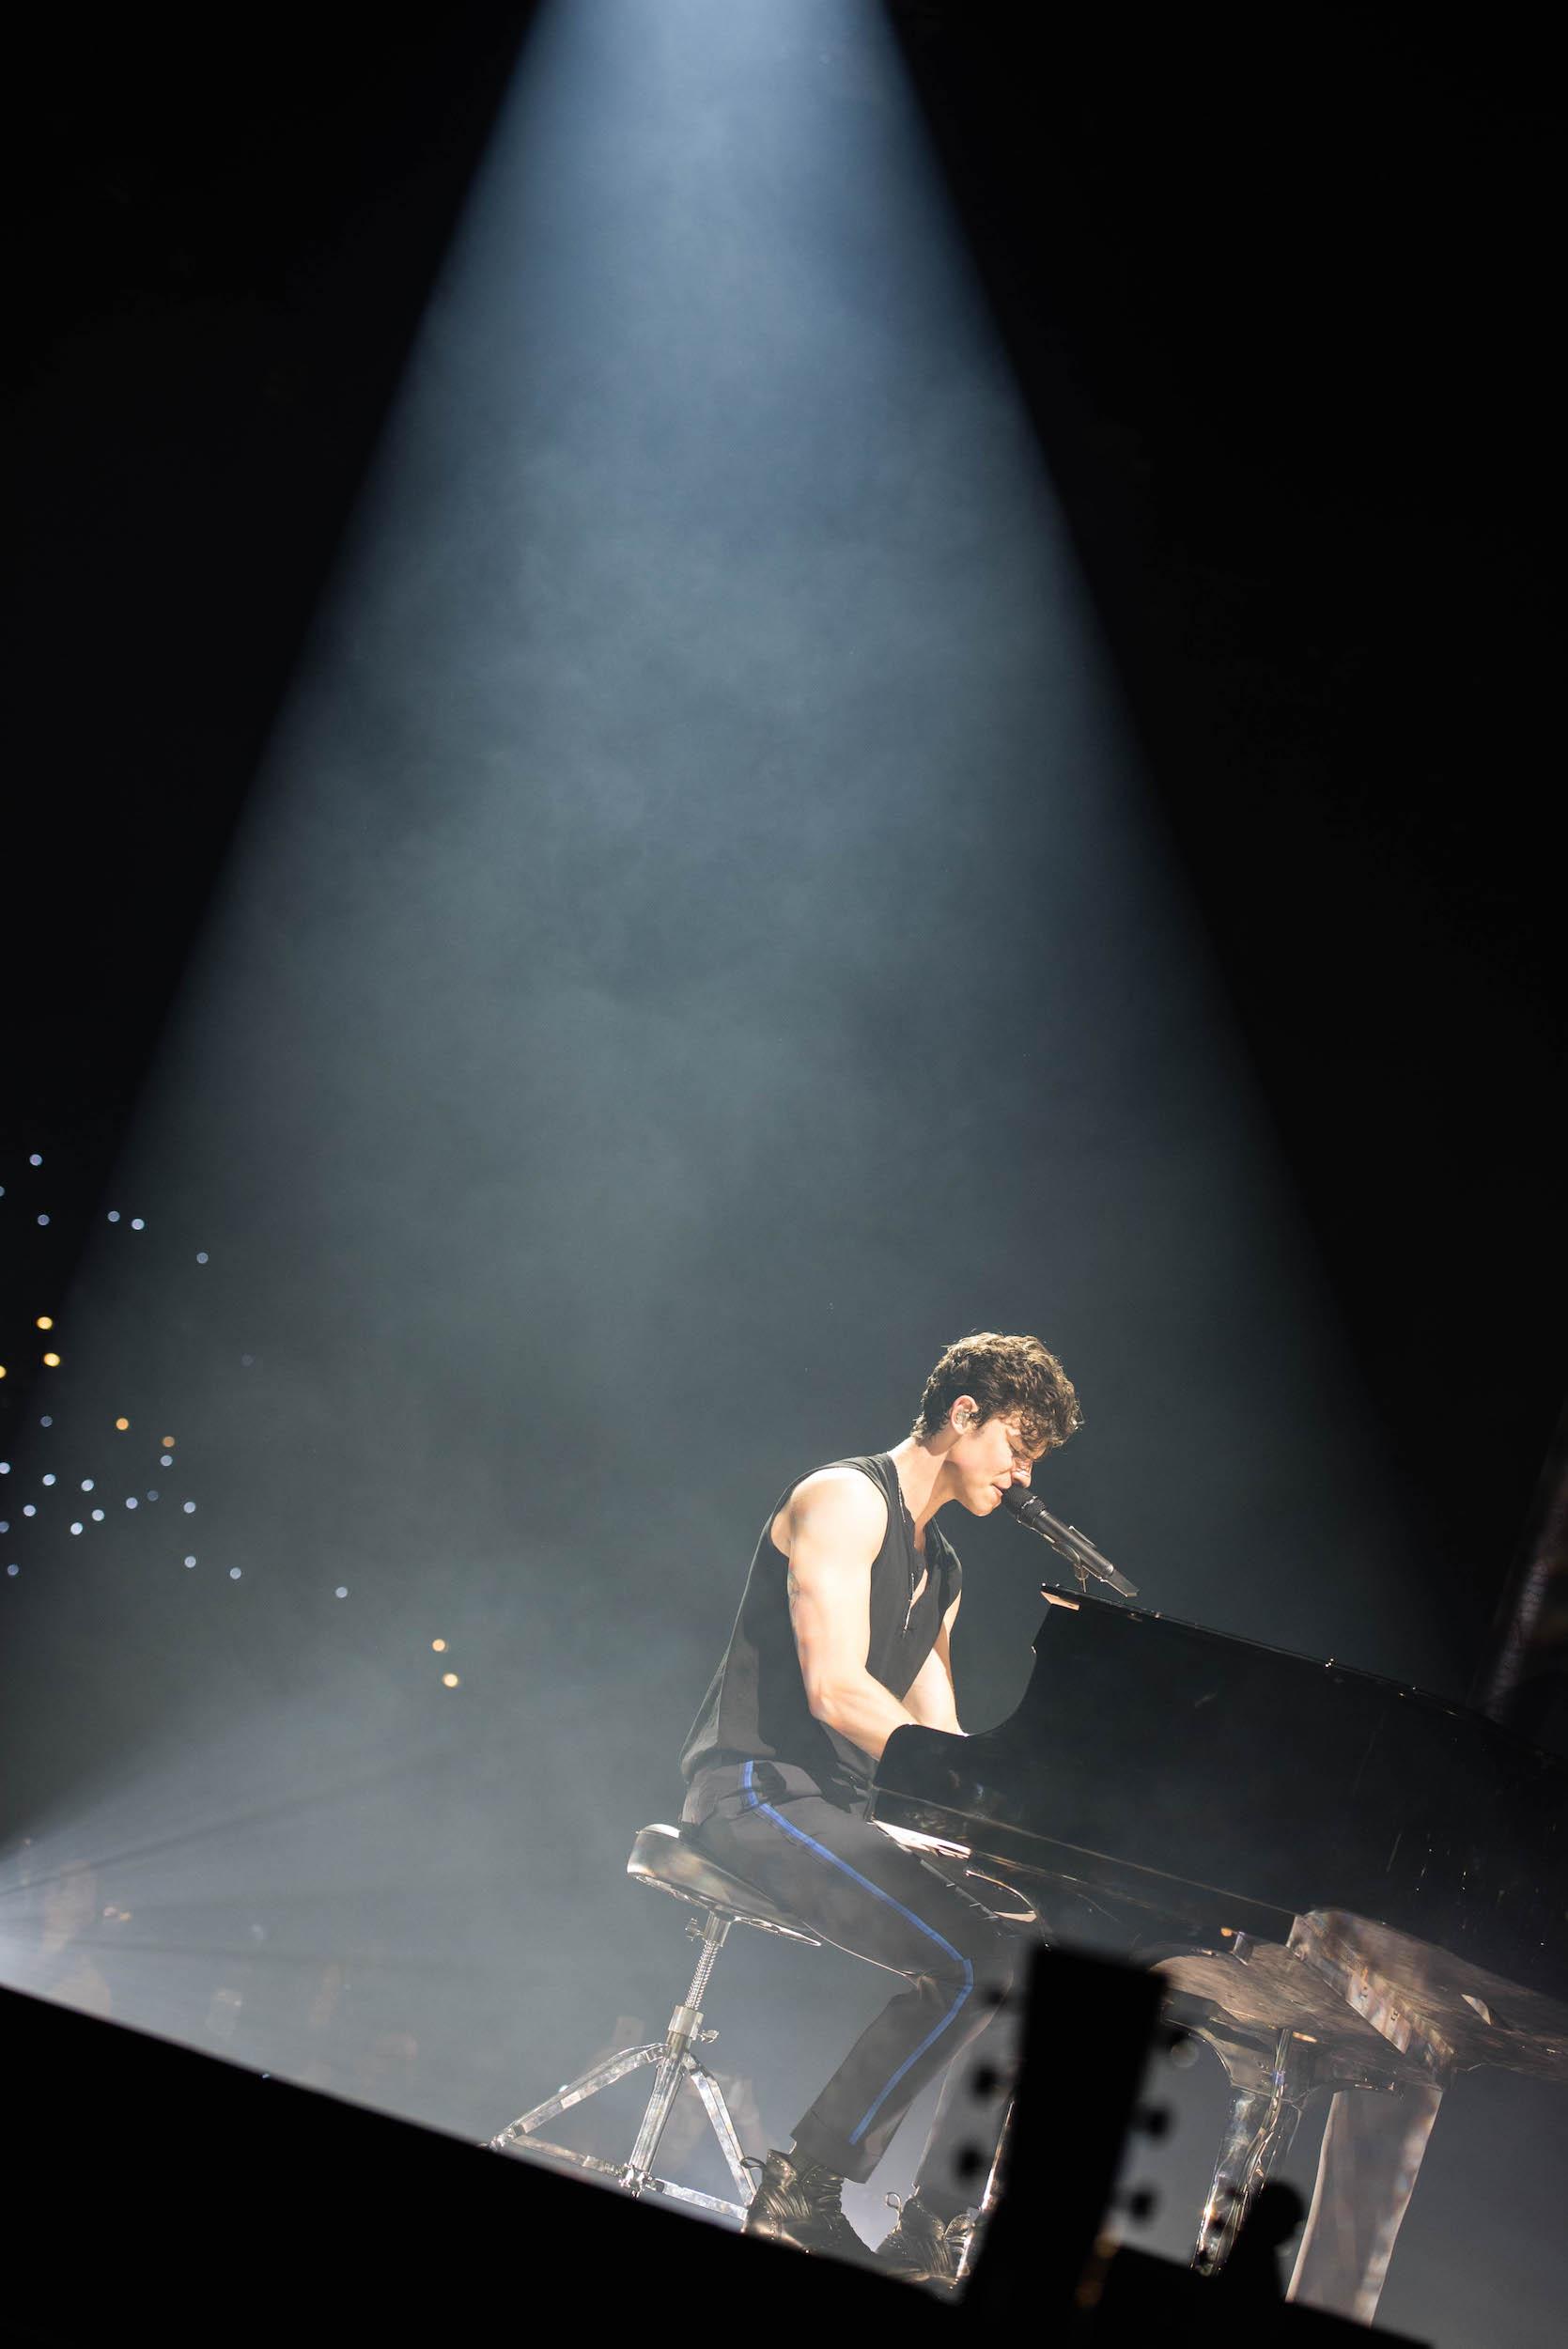 Shawn Mendes am Klavier, ...